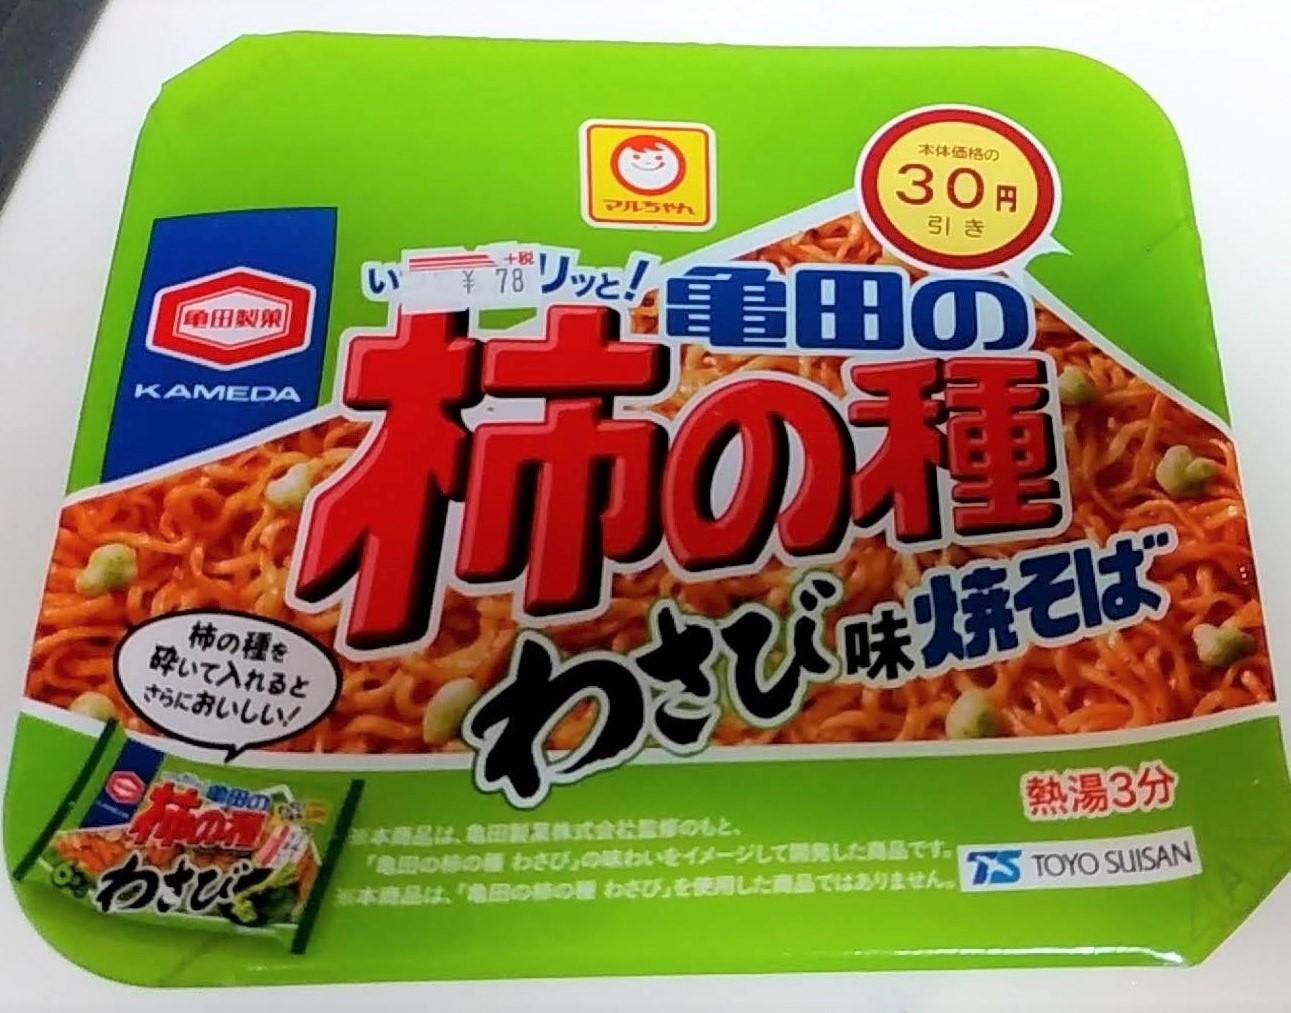 亀田の柿の種わさび味焼きそば